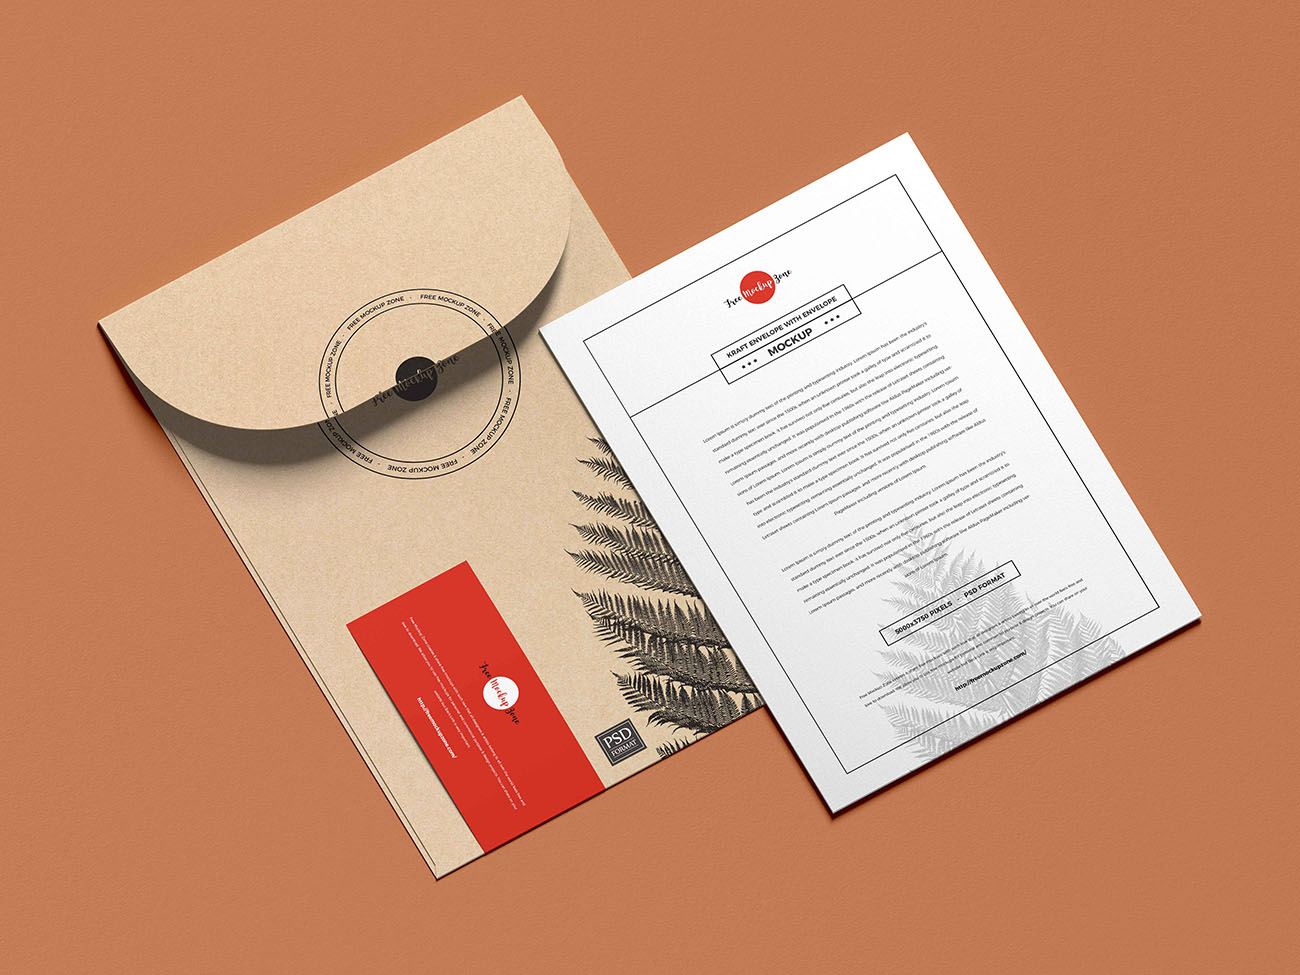 邀请函模型牛皮纸信封档案袋模型样机PSD源文件插图